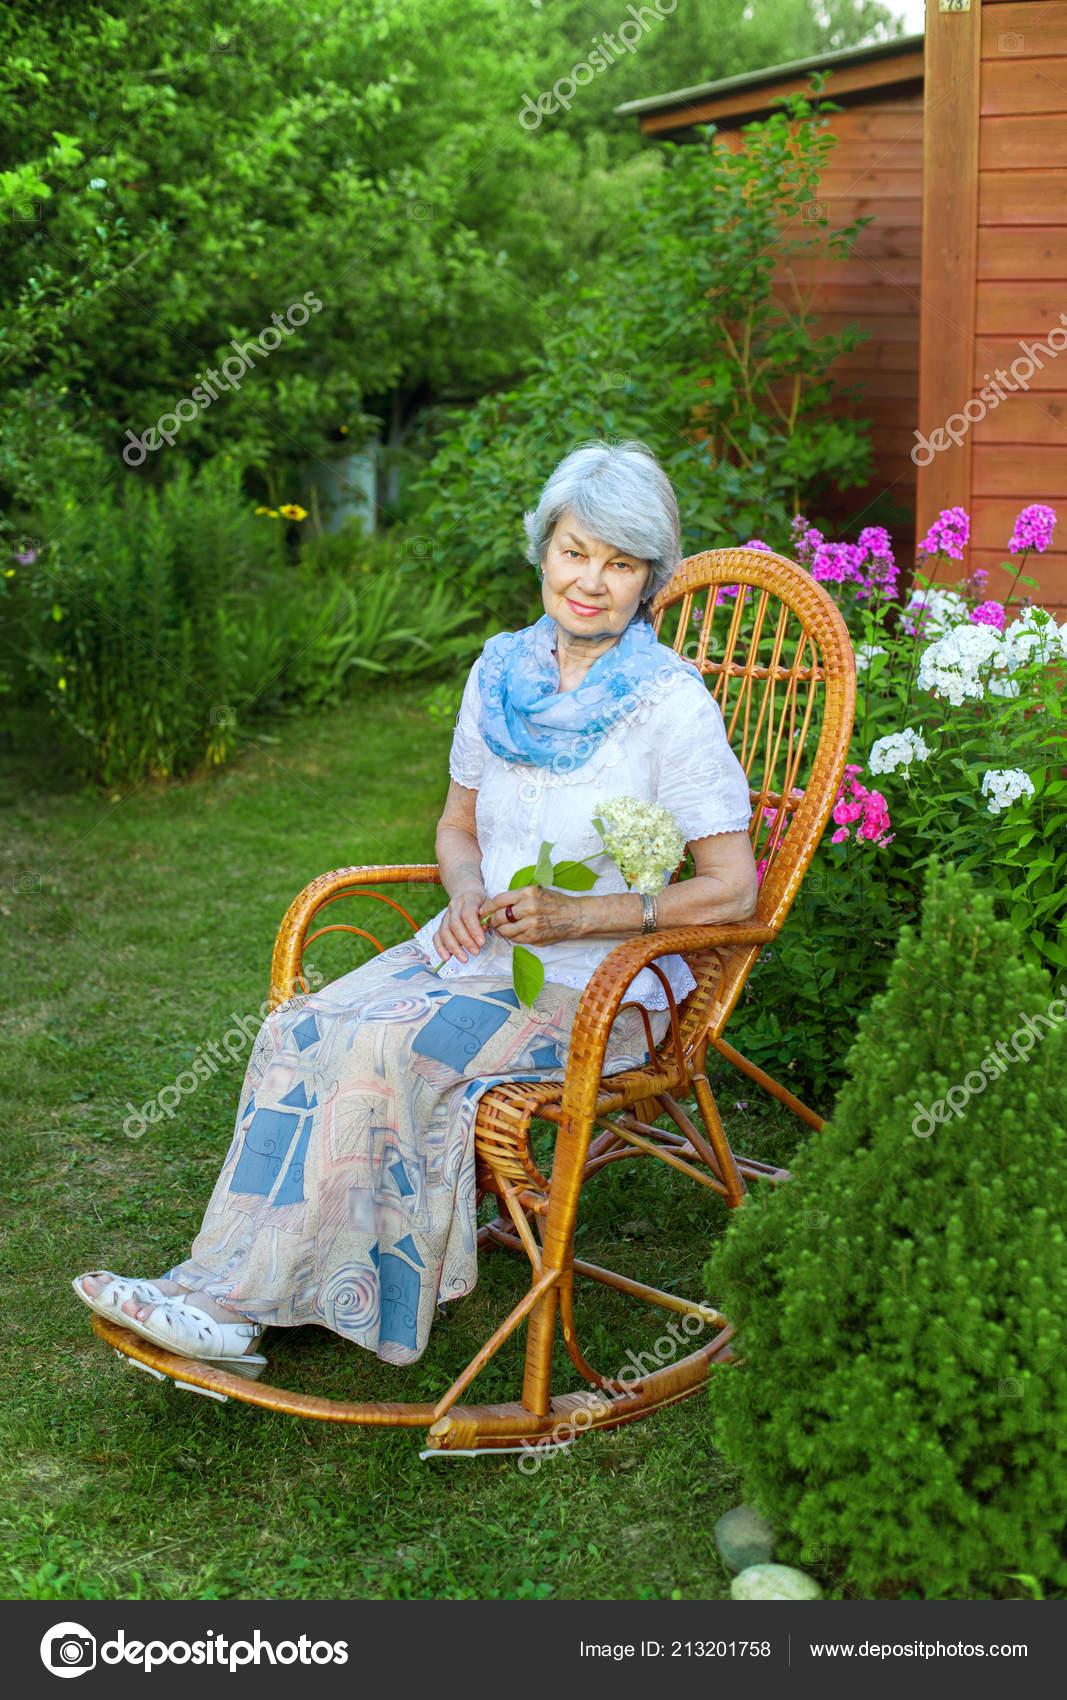 Woman Garden Chair Stock Photos Royalty Free Woman Garden Chair